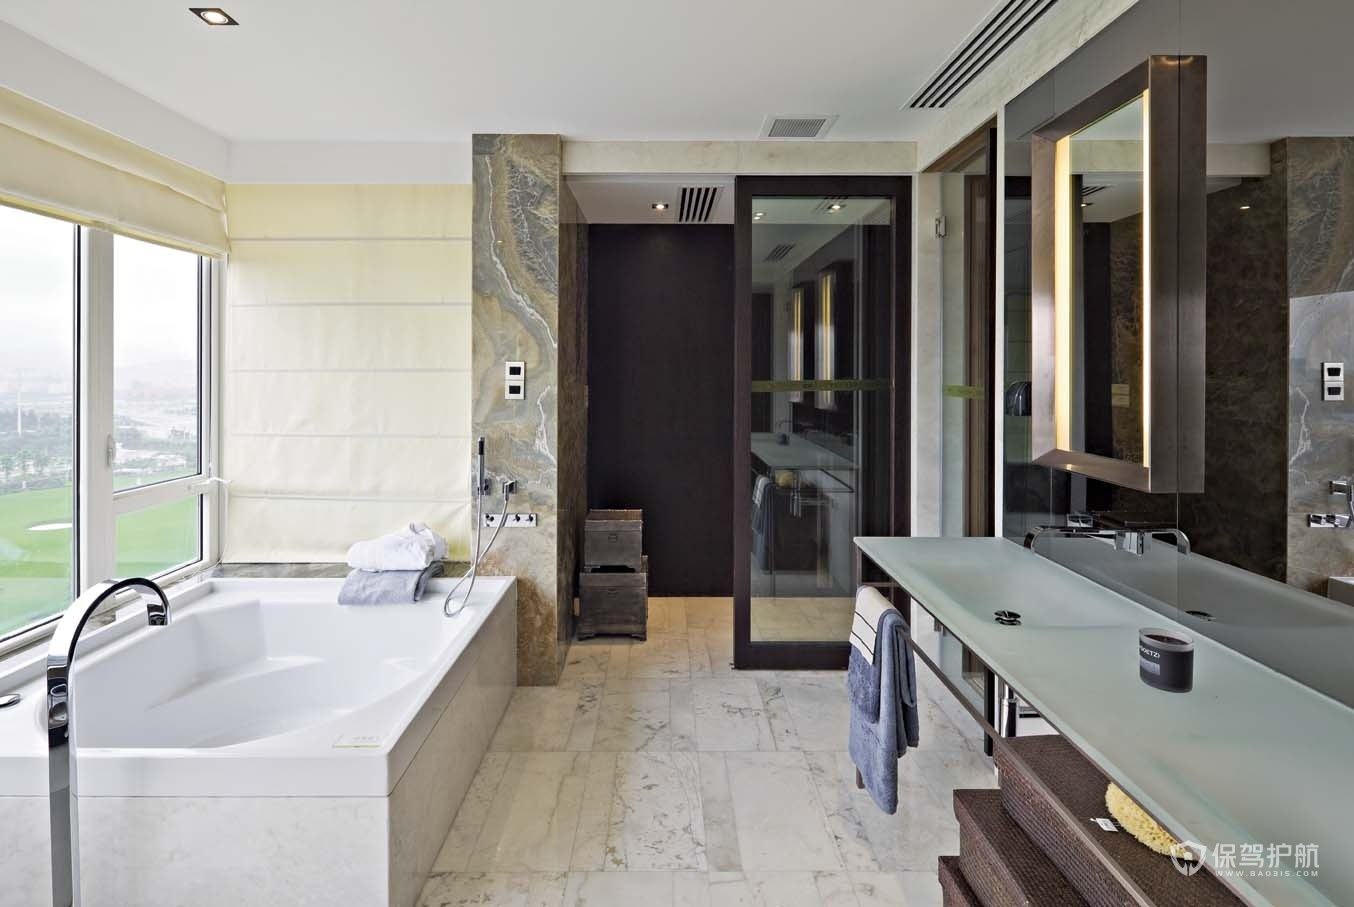 浴室推拉门滑轮安装教程 浴室推拉门轮滑怎么更换?